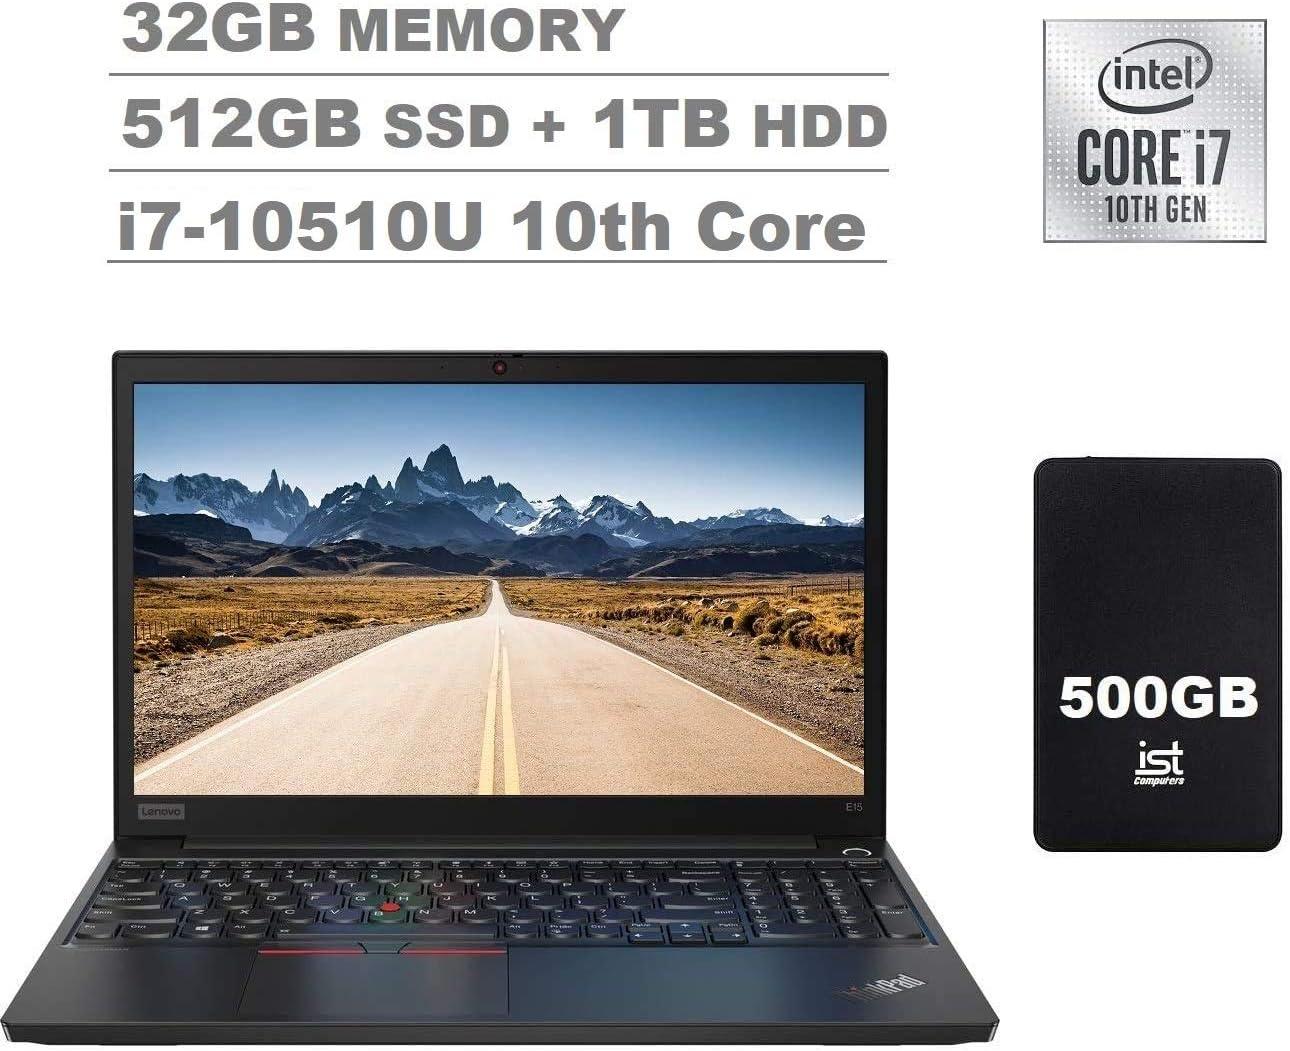 """2020 Lenovo ThinkPad E15 15.6"""" FHD Full HD (1920x1080) IPS Business Laptop (Intel 10th Quad Core i7-10510U, 32GB RAM, 512GB SSD+1TB HDD) Fingerprint, Type-C, HDMI, Windows 10 Pro+IST Computers 500GB"""